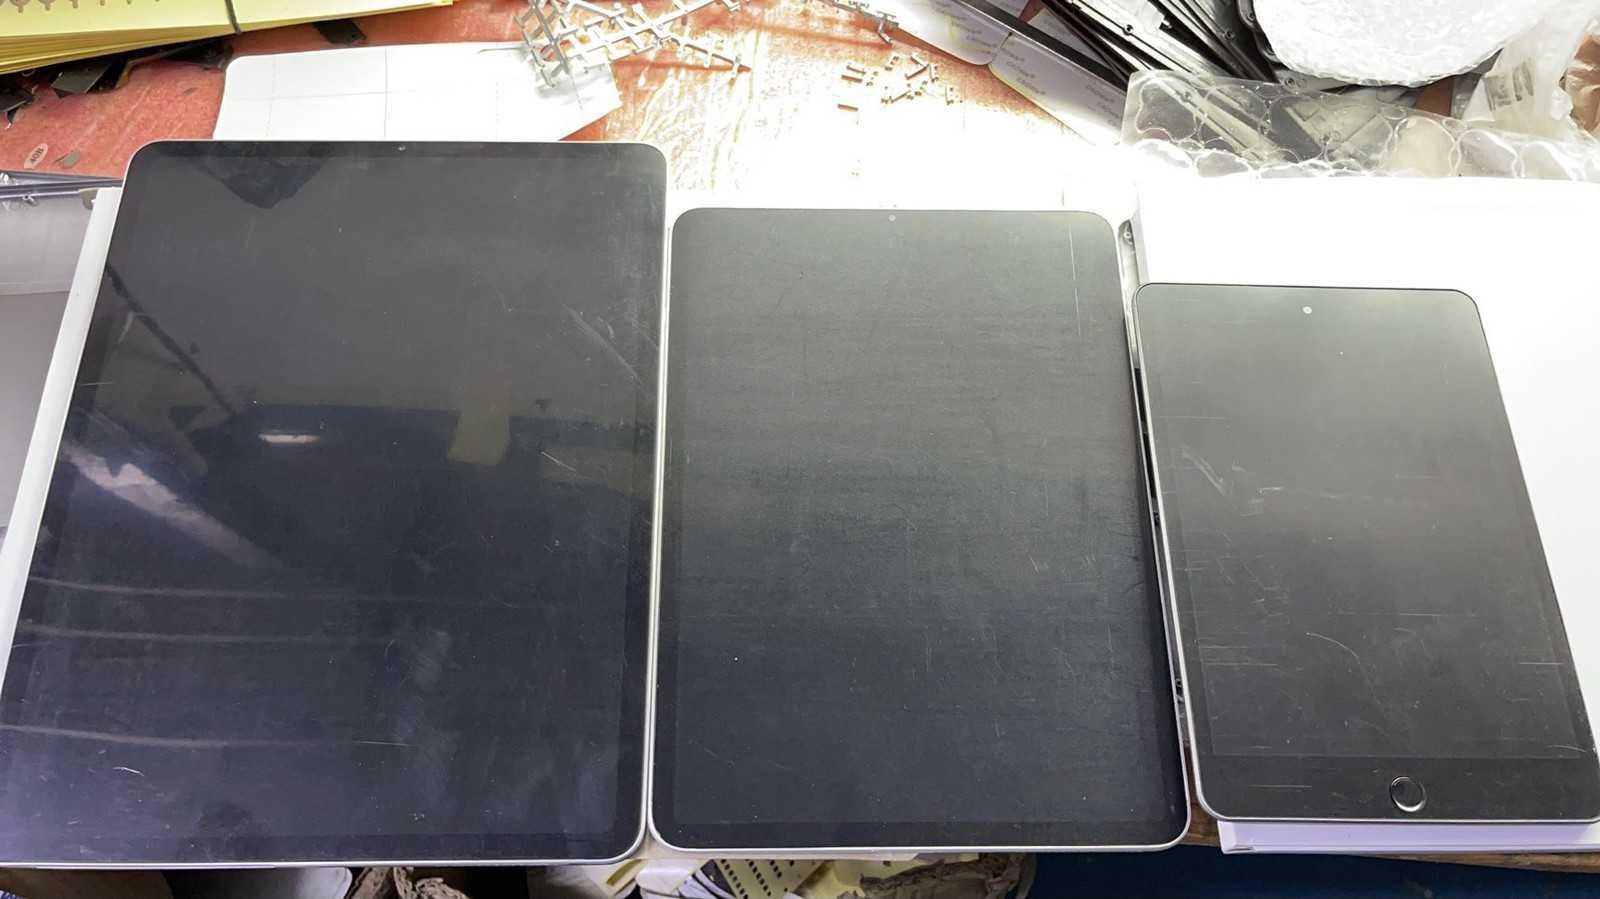 苹果新款 iPad Pro 和 iPad mini 6 模型机照片疑曝光